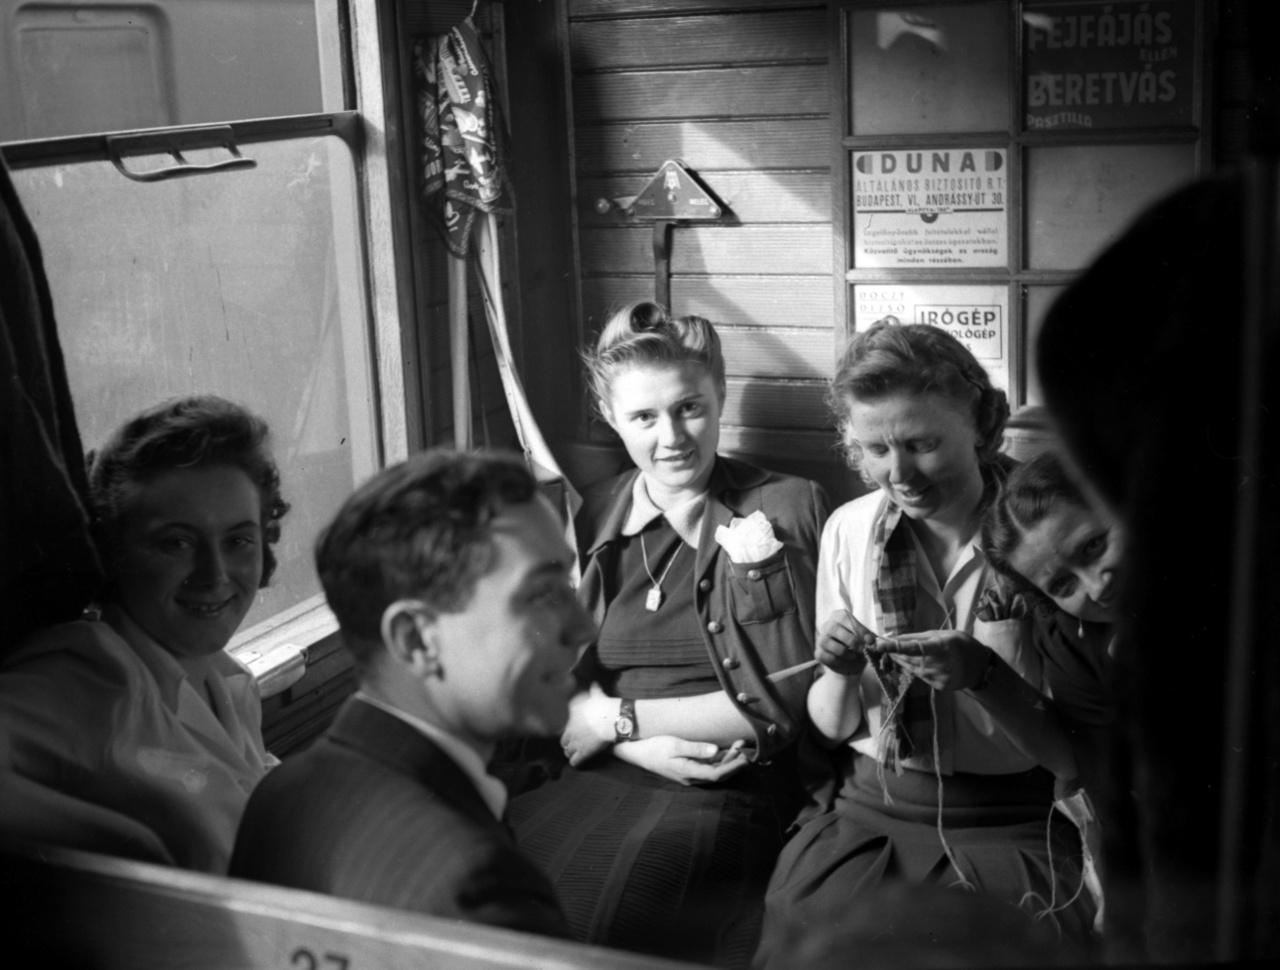 """Fejfájás ellen Beretvás-pasztilla, minden másra Duna Általános Biztosító. Életmegoldások egy vasúti kocsiban.Lányok, fiatal nők itt (jobb oldalon Borsy Istvánné Boriska, szoprán), apjuk, bátyjuk, férjük, szerelmük az orosz fronton. A 2. magyar hadseregről alig szivárognak a hírek: """"Muszka földre lassan jár a posta, [...] a halványzöldszín tábori levél""""– búgta Karády. """"Azok a kemény csapások, amelyeket a Don mentén honvédőink elviseltek, azok a nehéz szenvedések, amelyeket kiállottak és azok a példátlan teljesítmények, amelyeket kiverekedtek, arra kell, hogy ösztönözzenek bennünket, hogy a védekező fegyvert még keményebben markolva, töretlen lélekkel küzdjük végig a magyarságnak ezt a sorsdöntő küzdelmét""""– nyilatkozta éppen a fellépés napján a magyar nemzetvédelmi propagandaminiszter."""